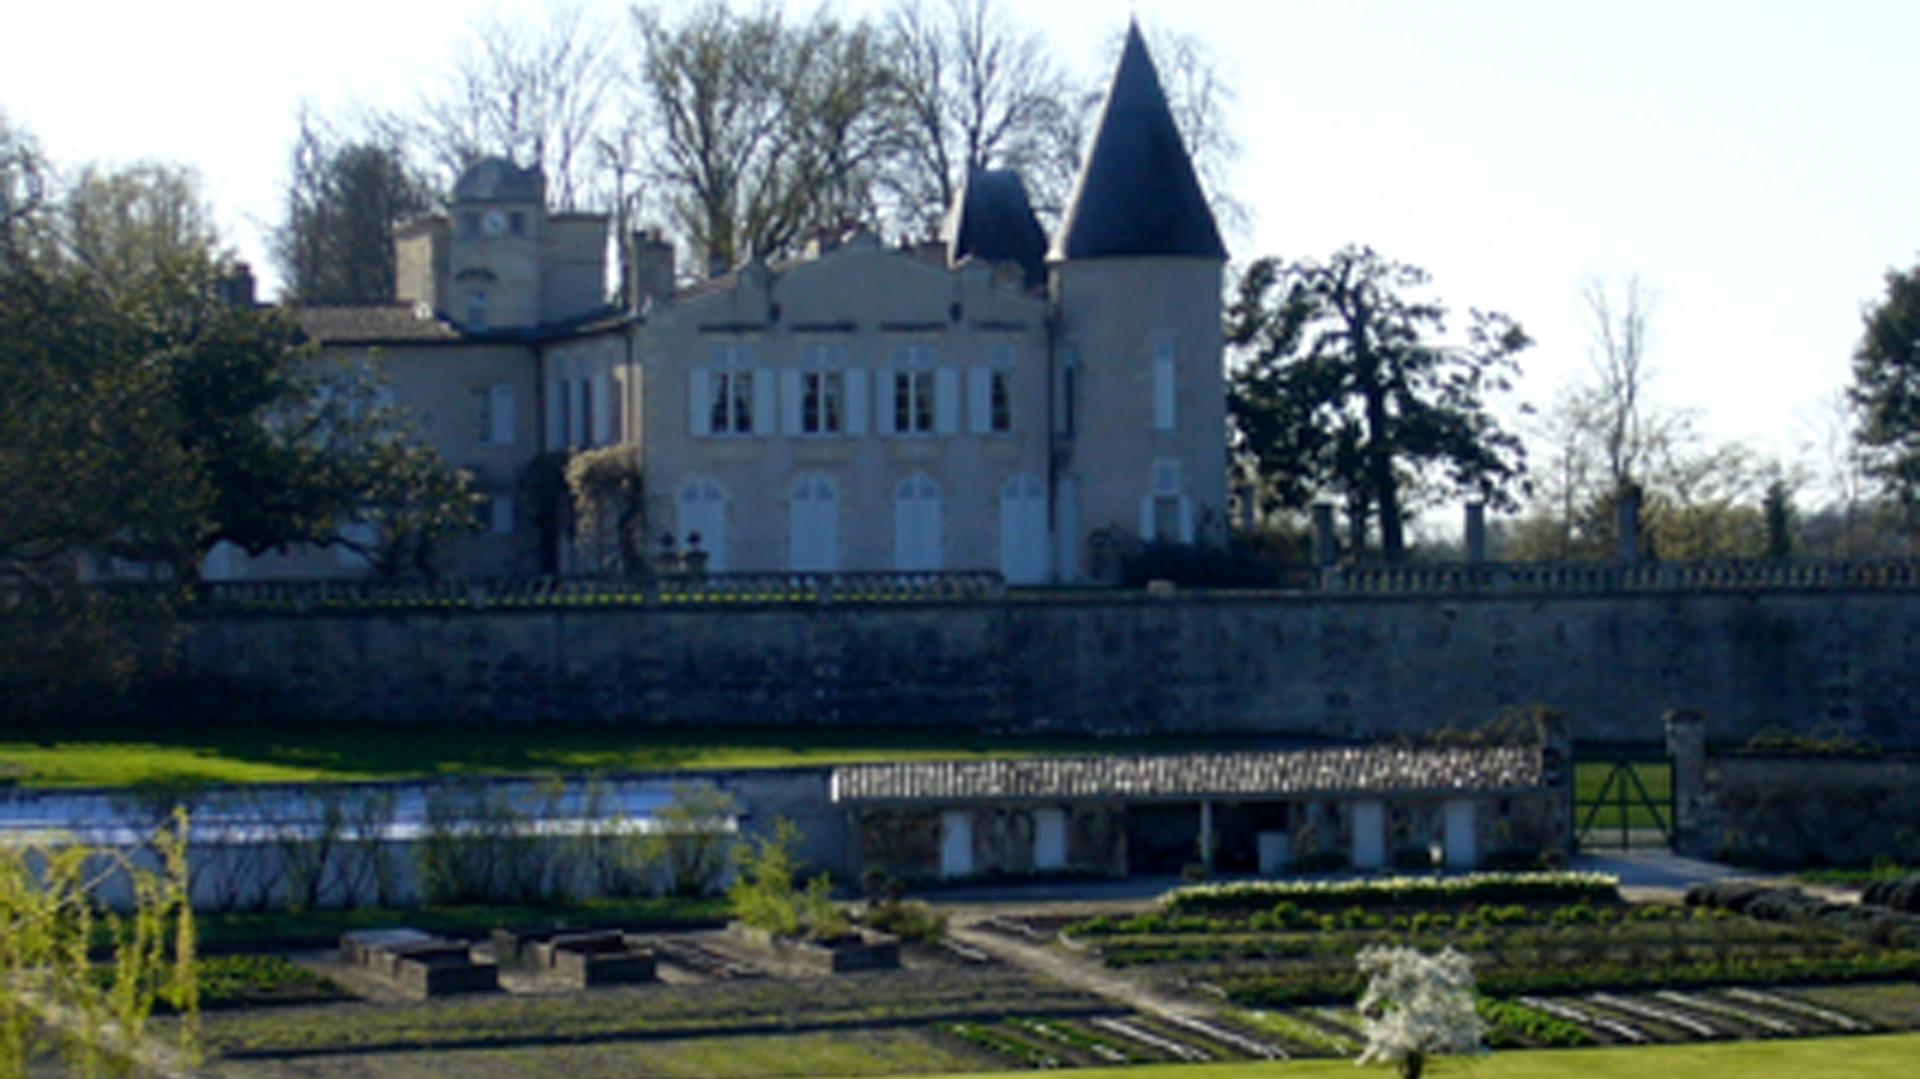 Château Lafite-Rothschild. Premier Grand Cru Classé